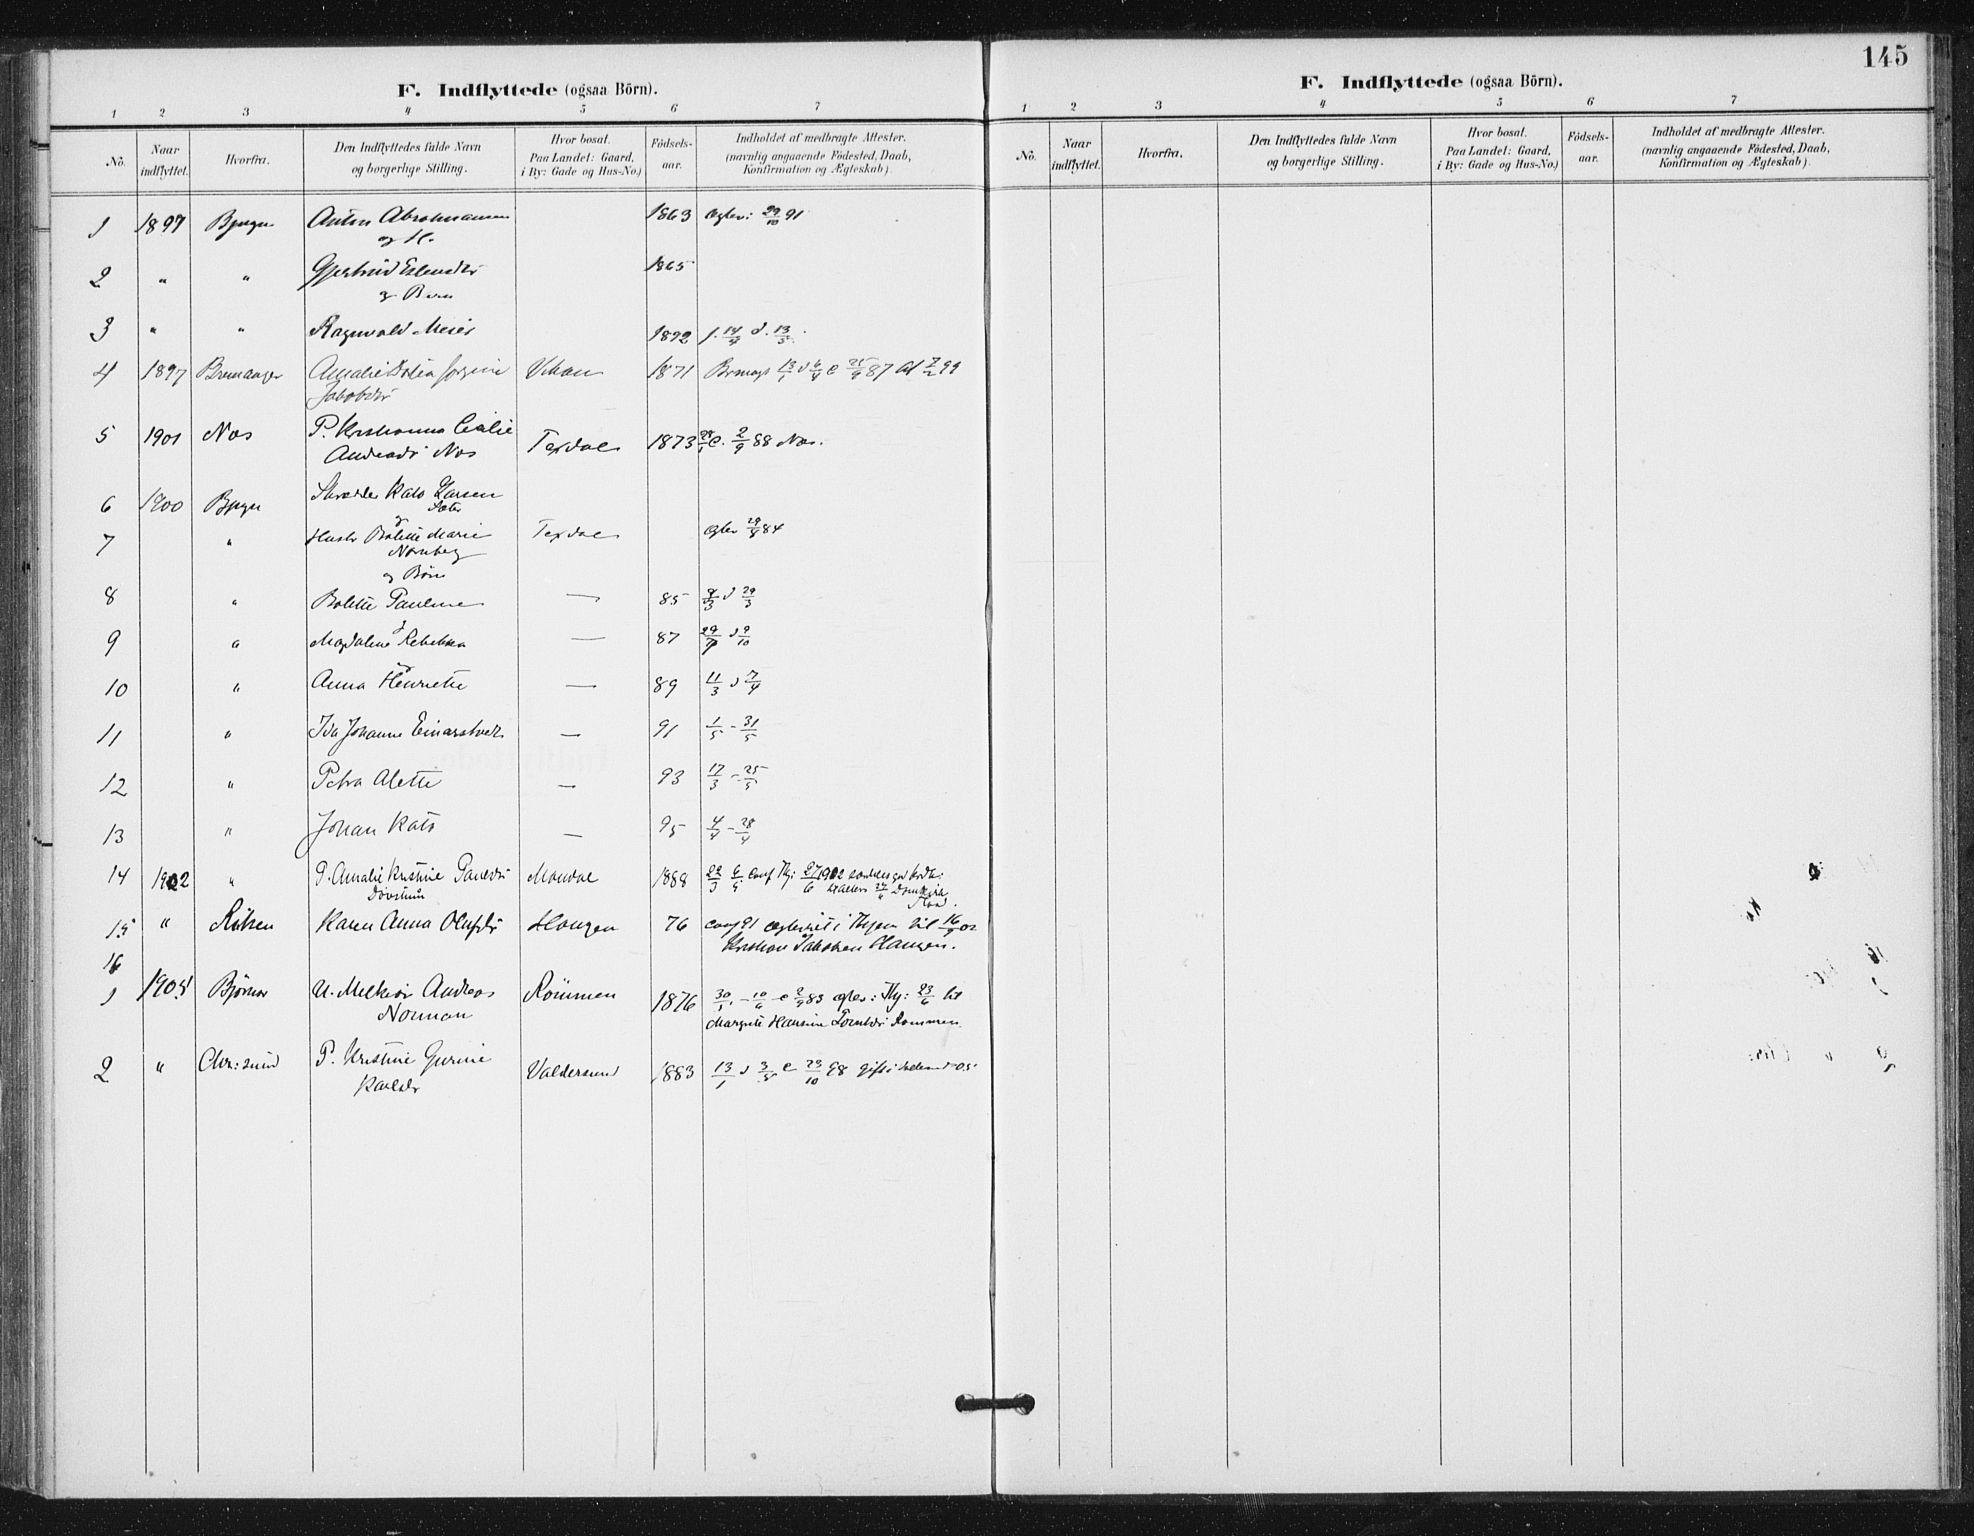 SAT, Ministerialprotokoller, klokkerbøker og fødselsregistre - Sør-Trøndelag, 654/L0664: Ministerialbok nr. 654A02, 1895-1907, s. 145